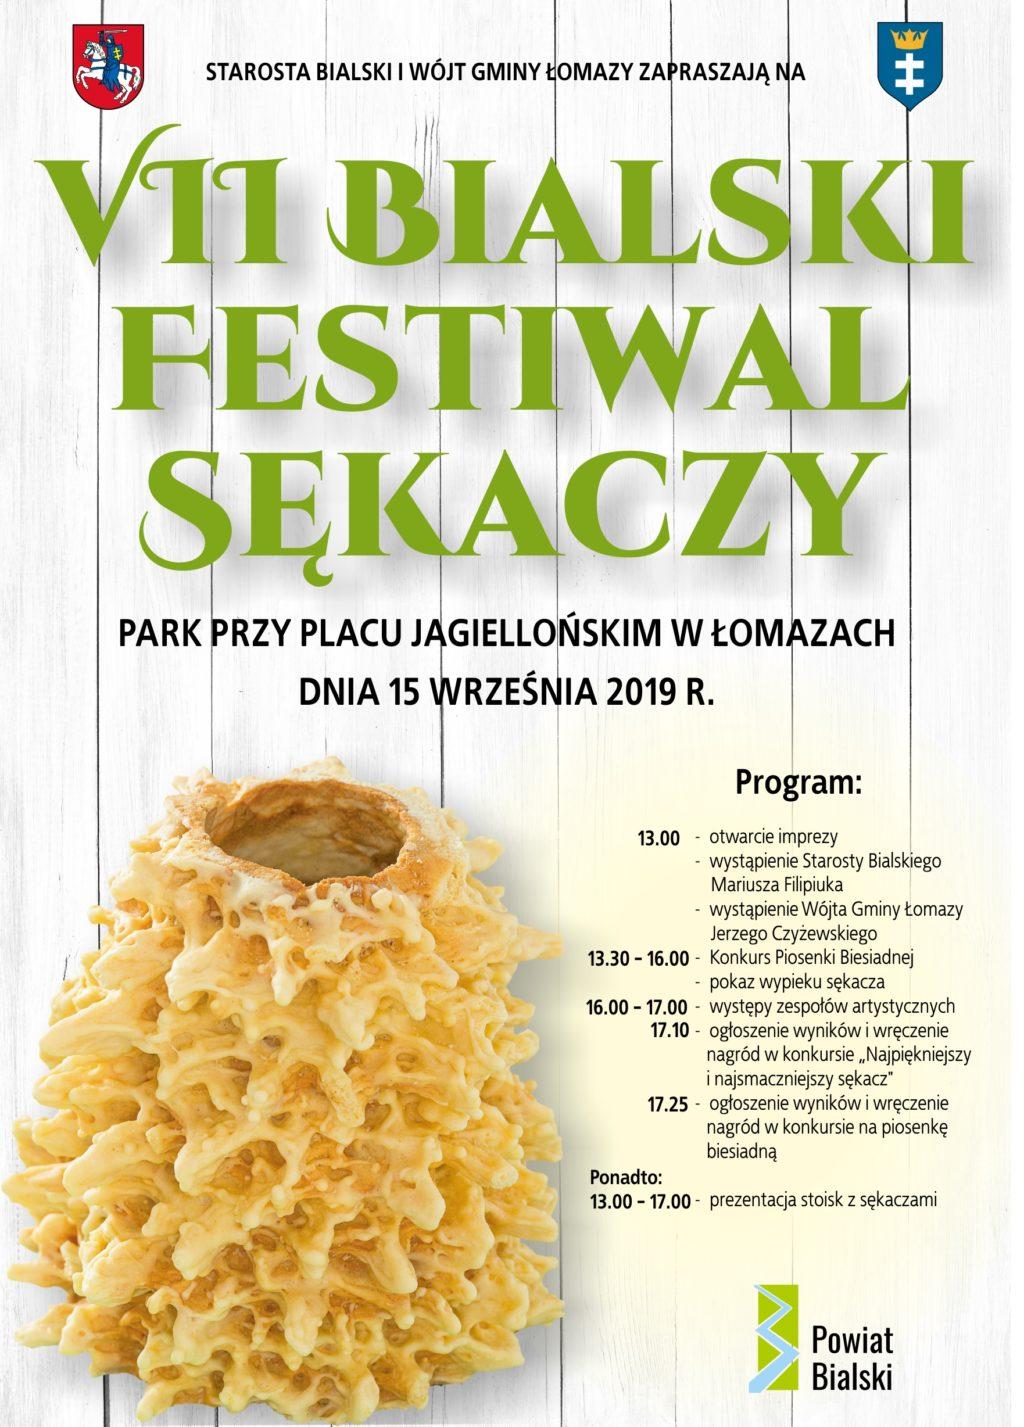 Festiwal Sękaczy w Łomazach